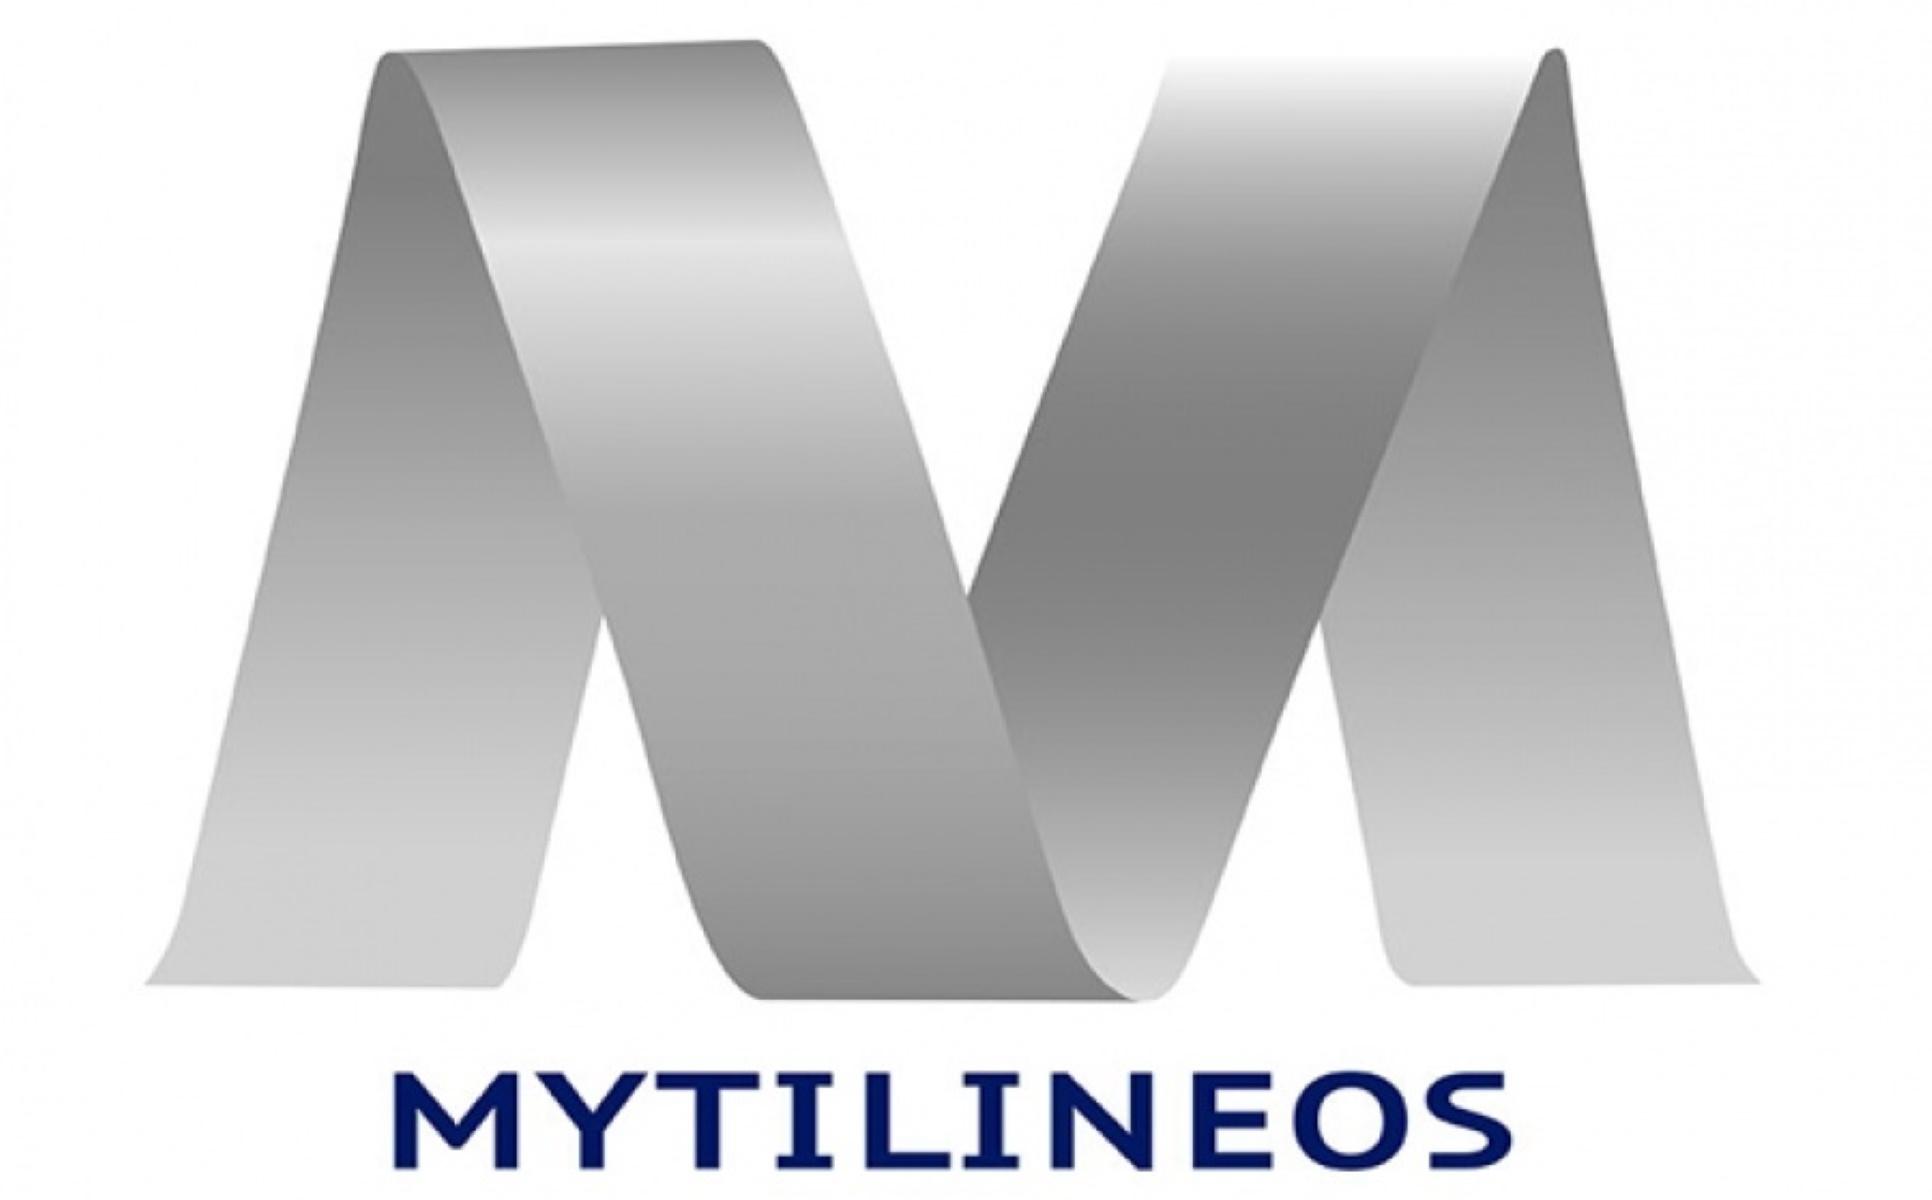 Mytilineos: «Πράσινη» επένδυση στο Κιλκίς για την διαχείριση επικίνδυνων βιομηχανικών αποβλήτων